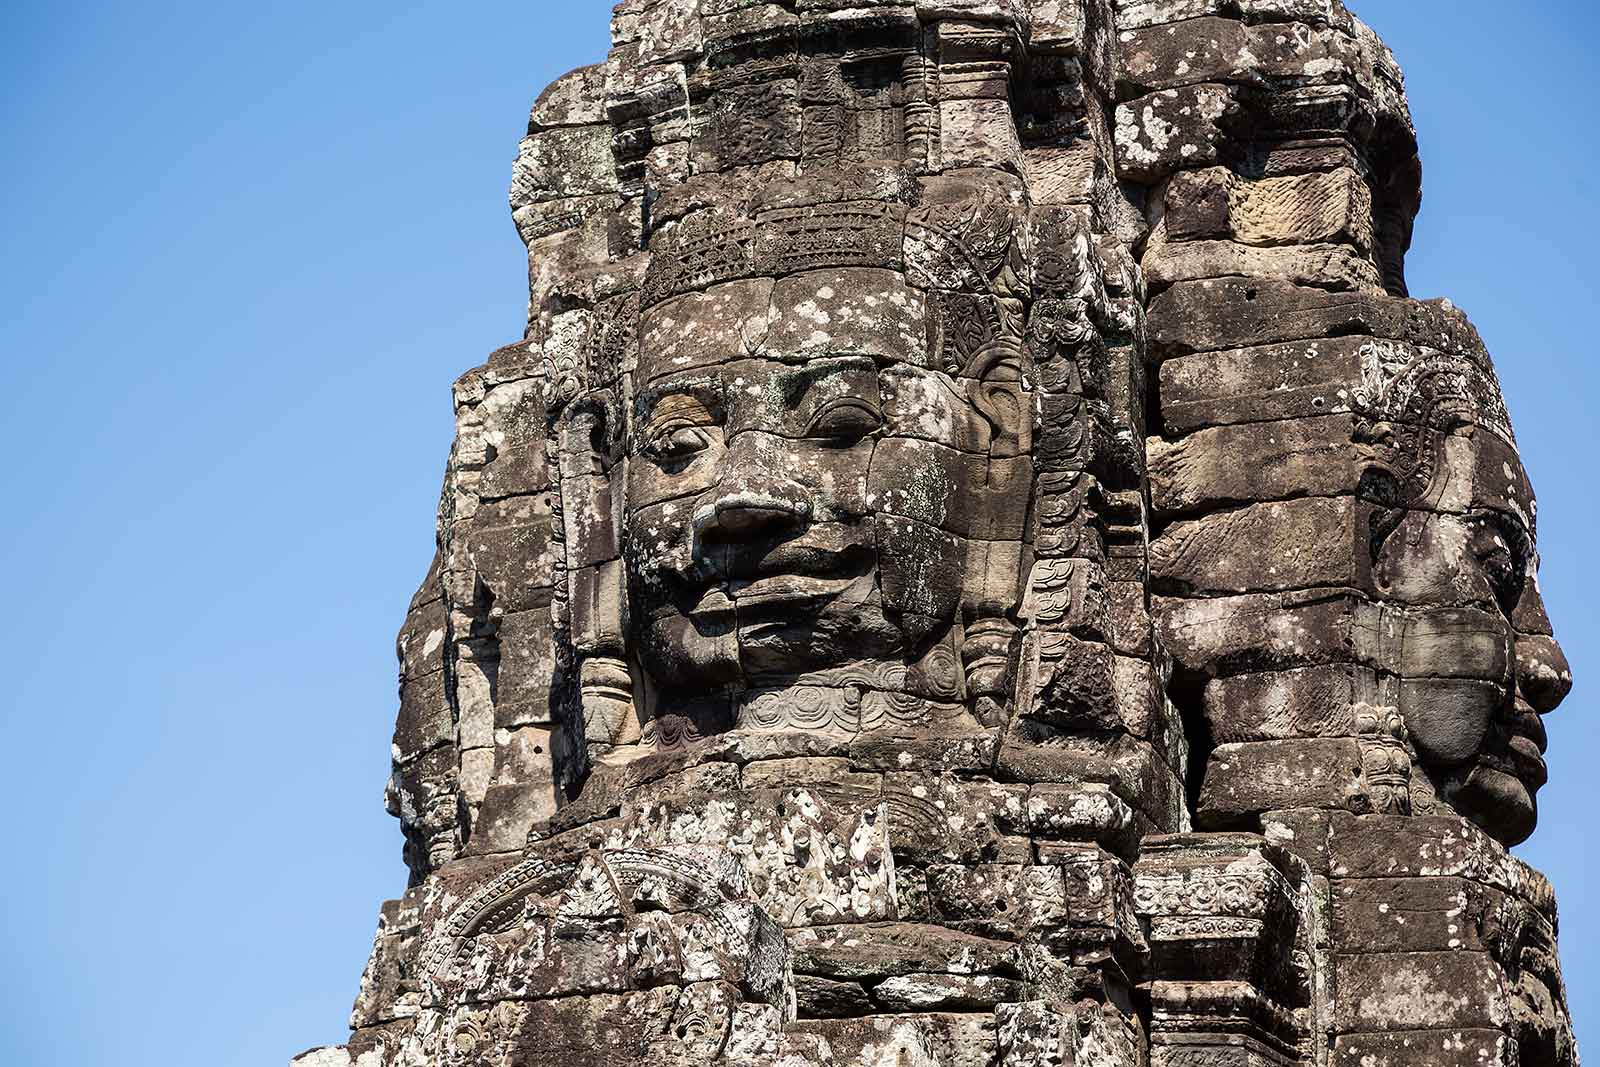 Bayon temple in Angkor Wat, Cambodia.